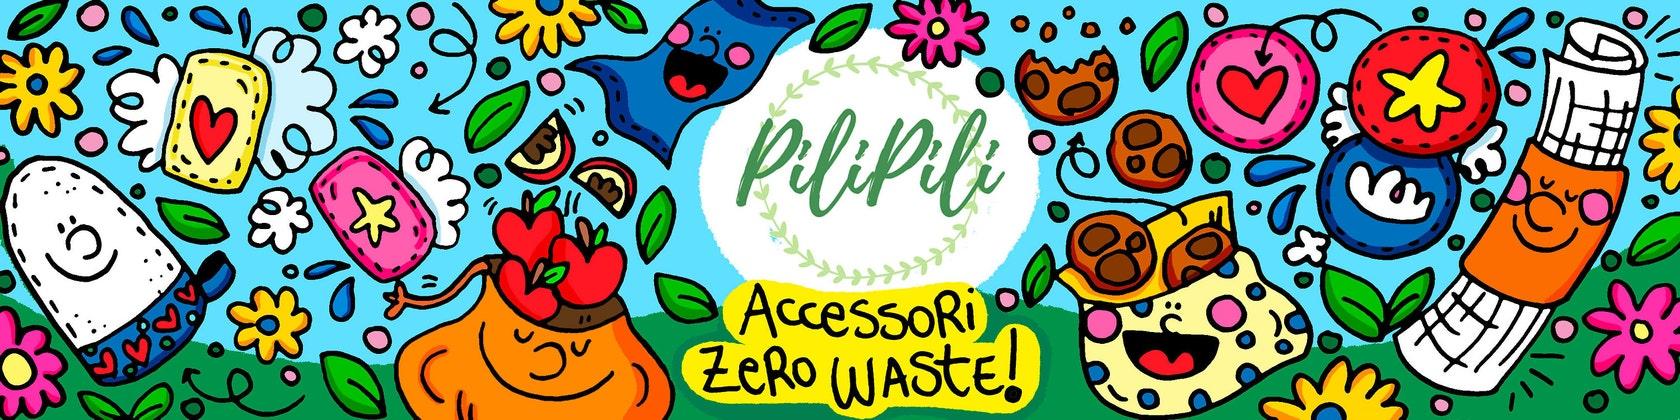 grande vendita outlet in vendita scarpe casual Zero waste & eco-friendly accessories made in by PiliPiliAccessori